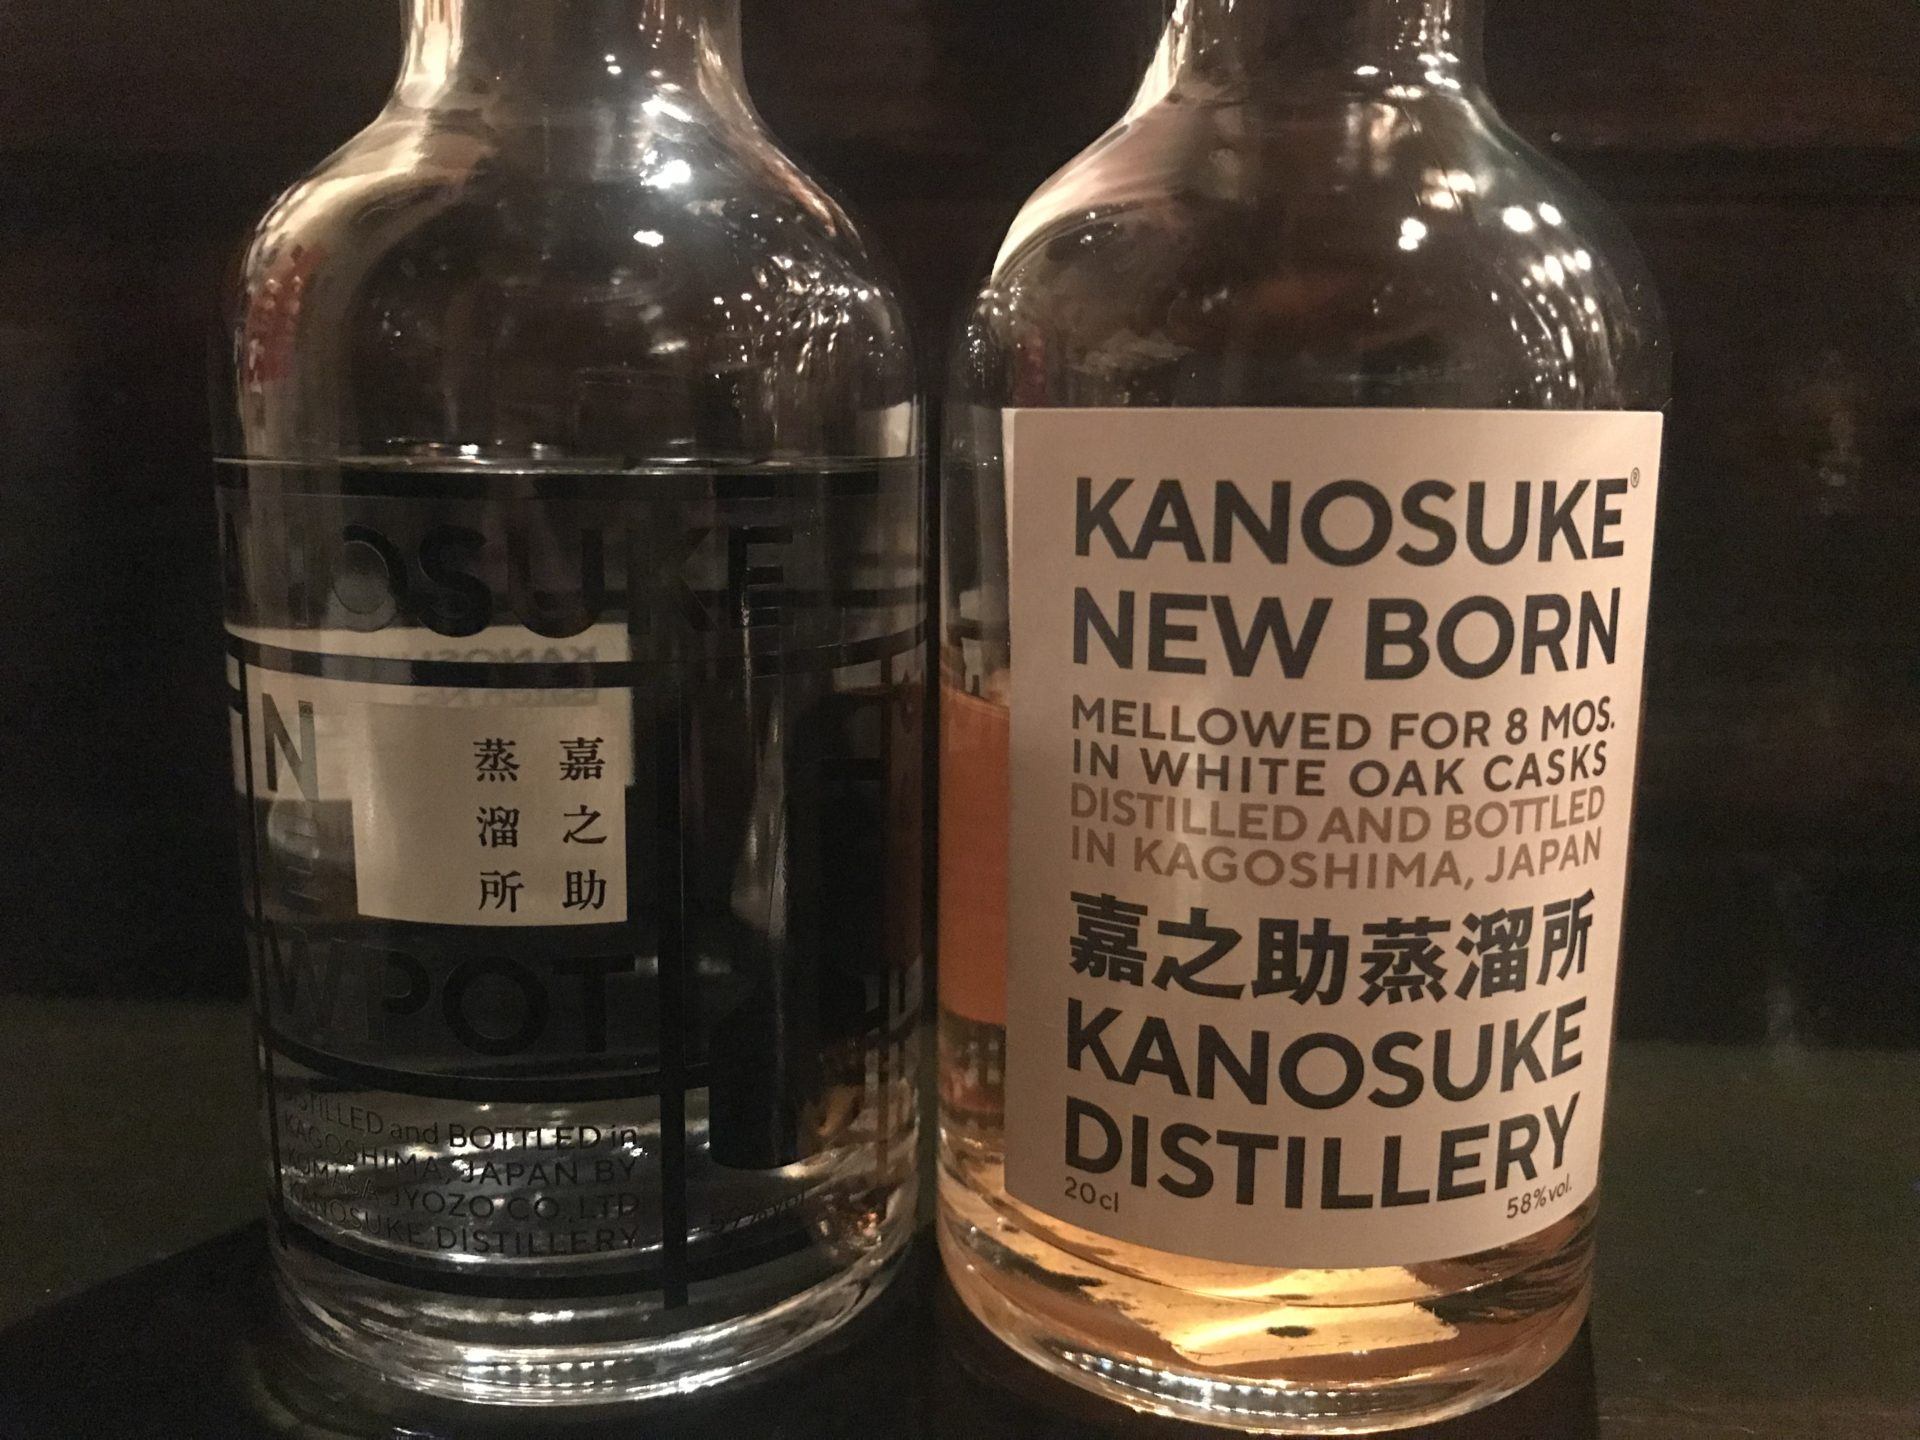 嘉之助蒸留所のウイスキー飲み比べ